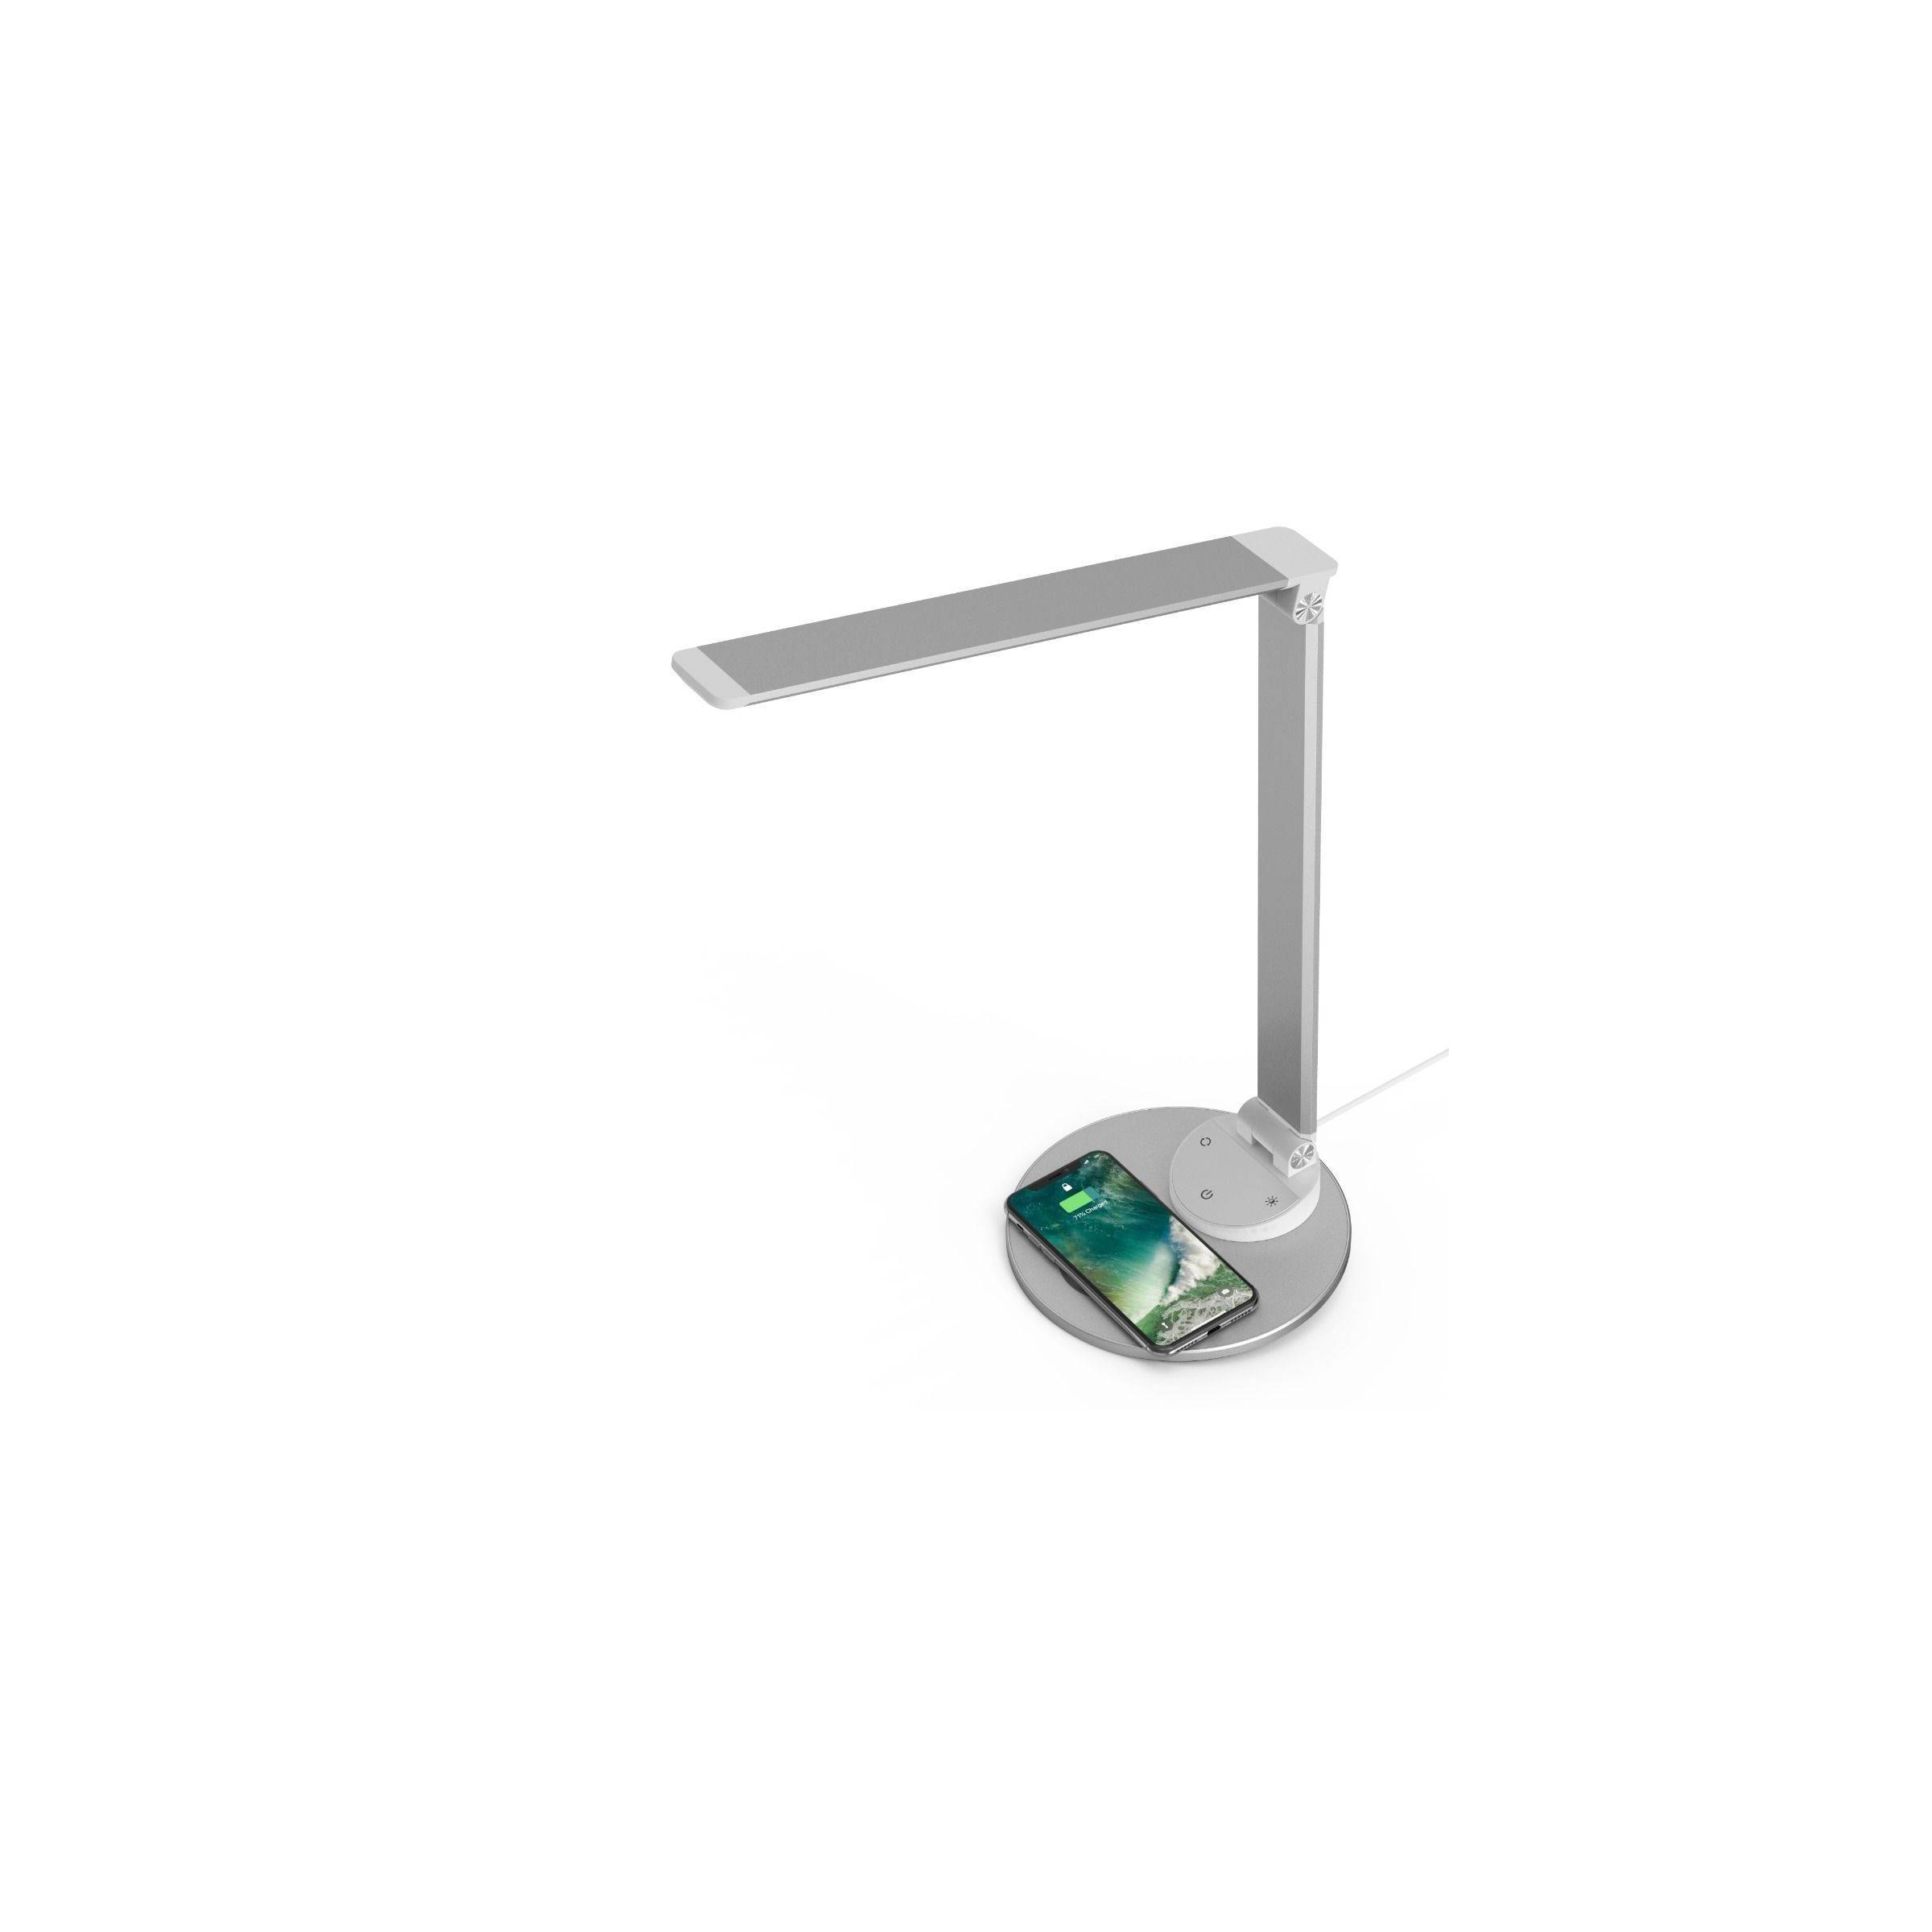 taotronics – Taotronics skrivebordslampe metal finish med trådløs oplader fra mackabler.dk